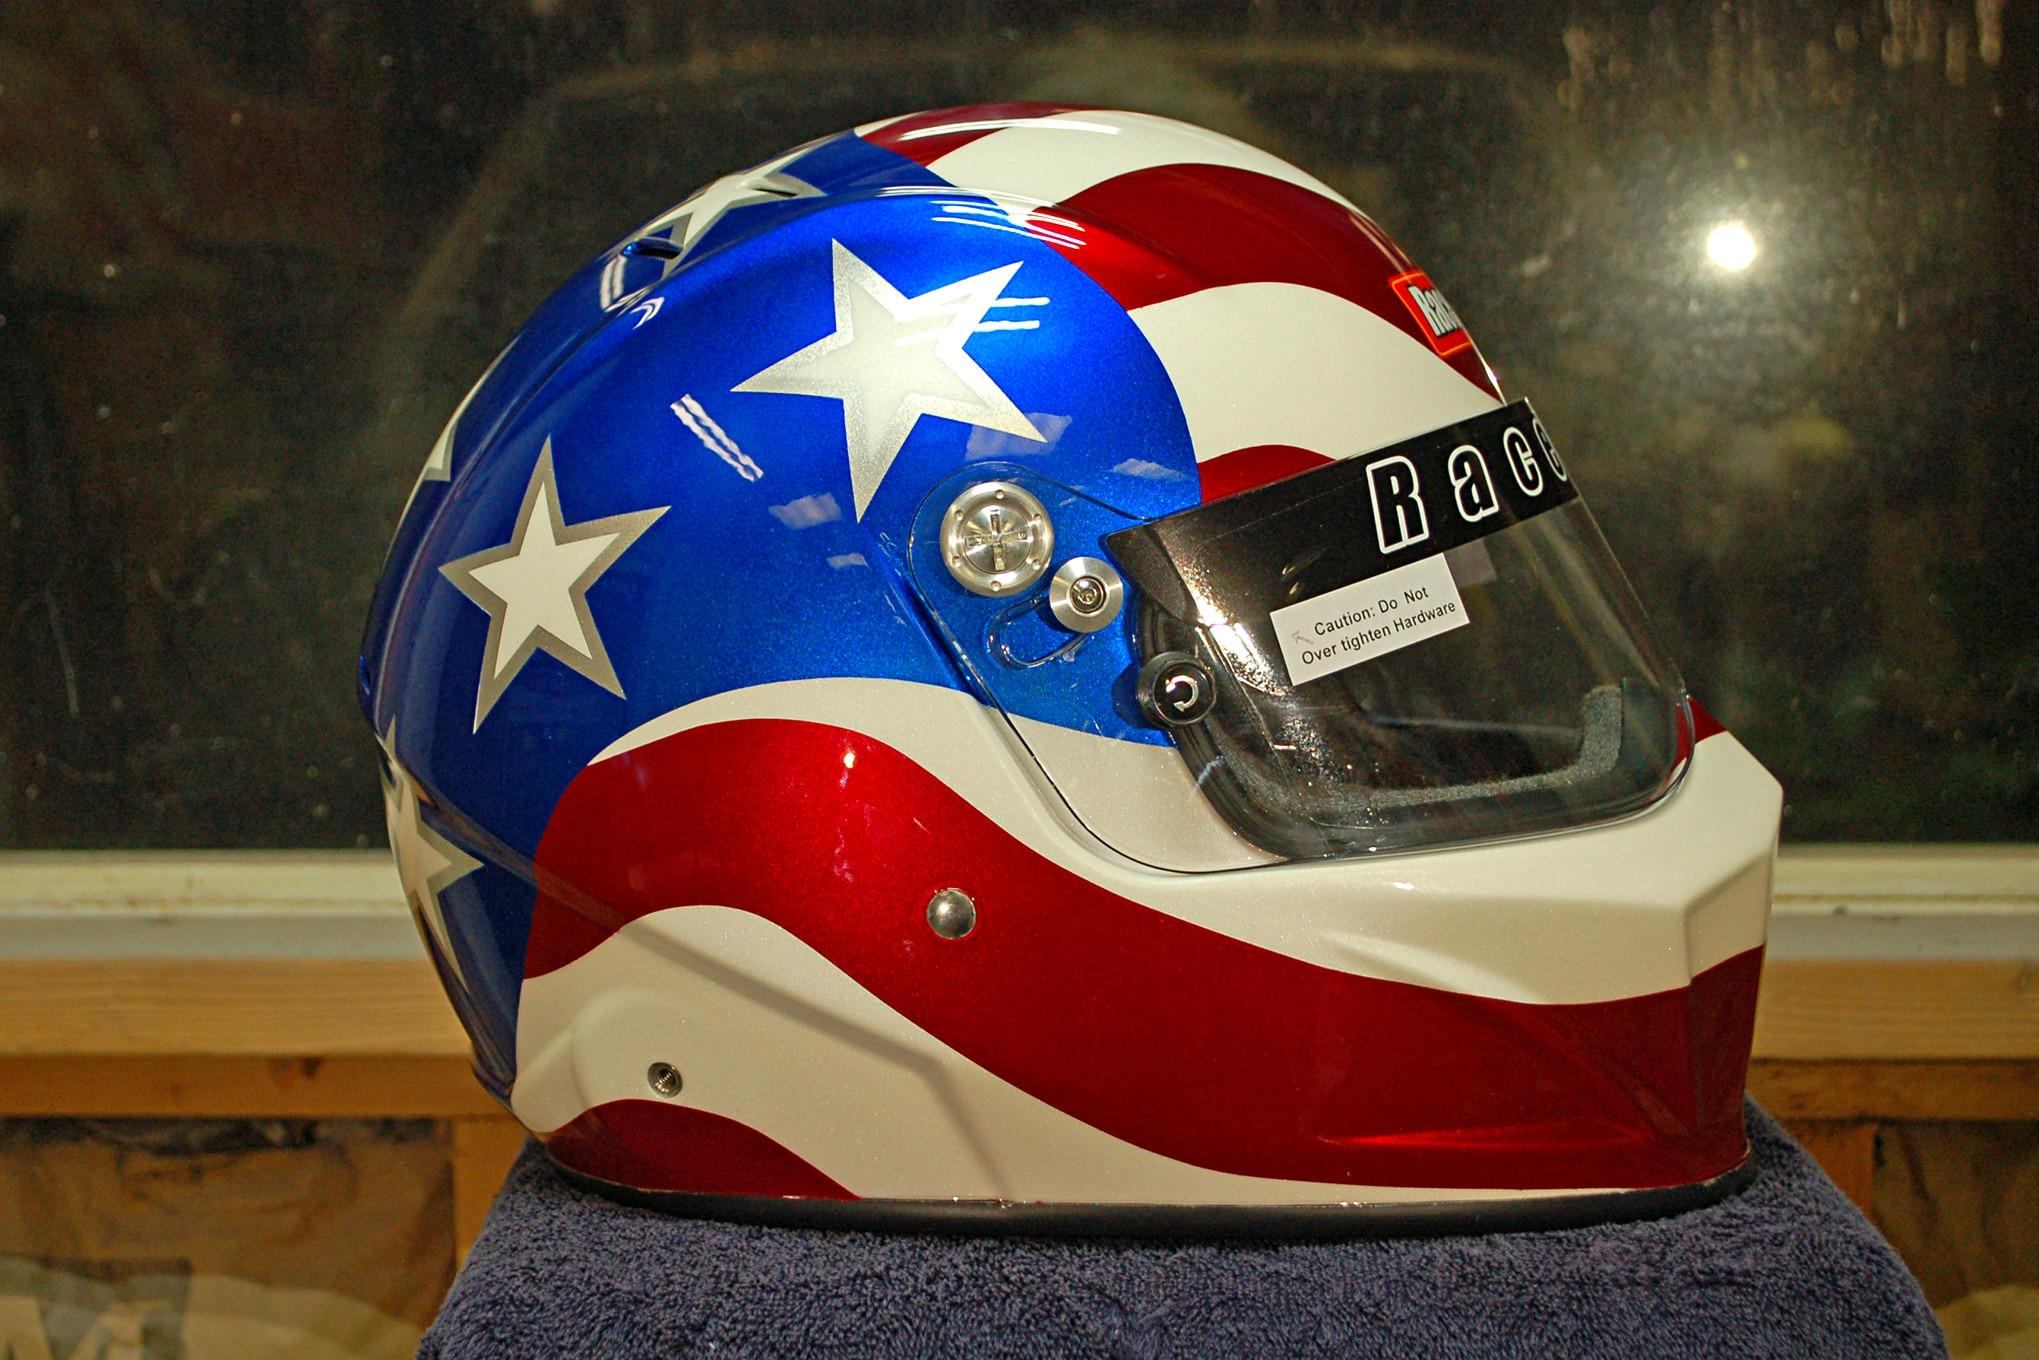 015 Helmet Paint Flag Racequip